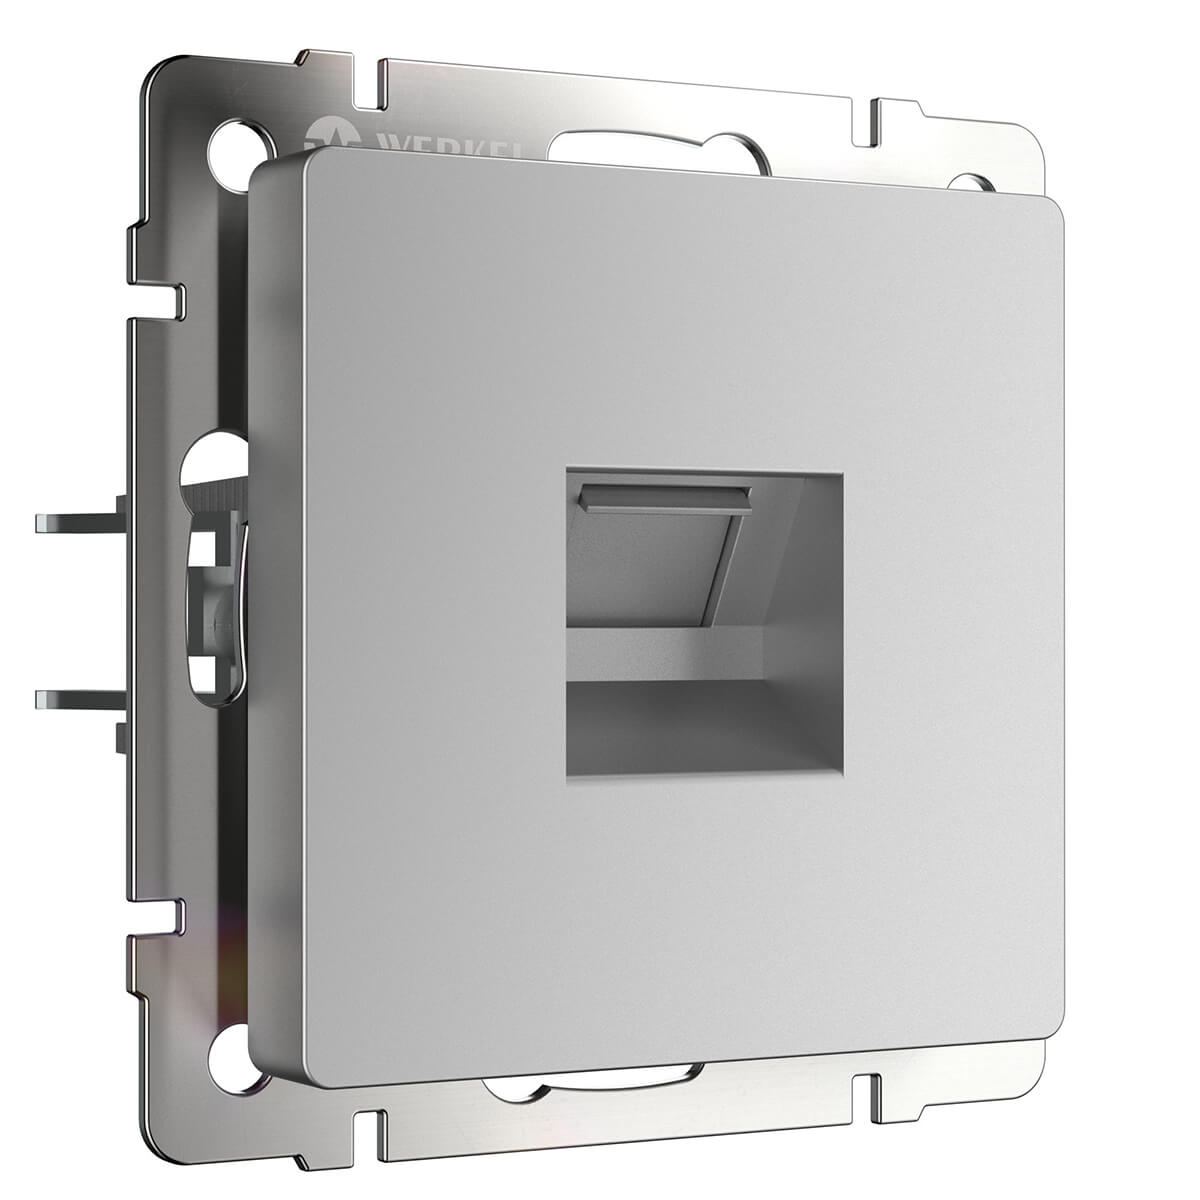 Розетка Ethernet RJ-45 серебряный WL06-RJ-45 4690389053931 розетка телефонная rj 11 werkel antik серебряный wl06 dm600 wl06 rj 11